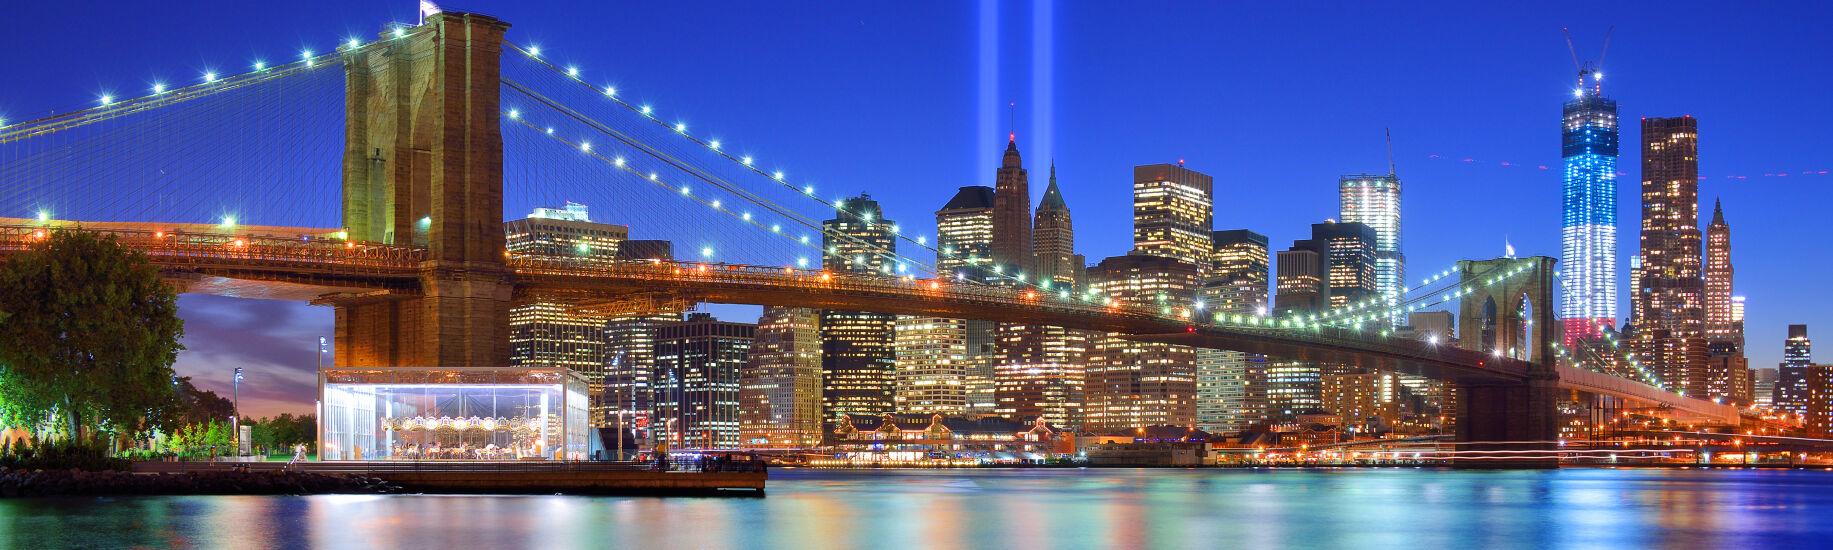 USA City